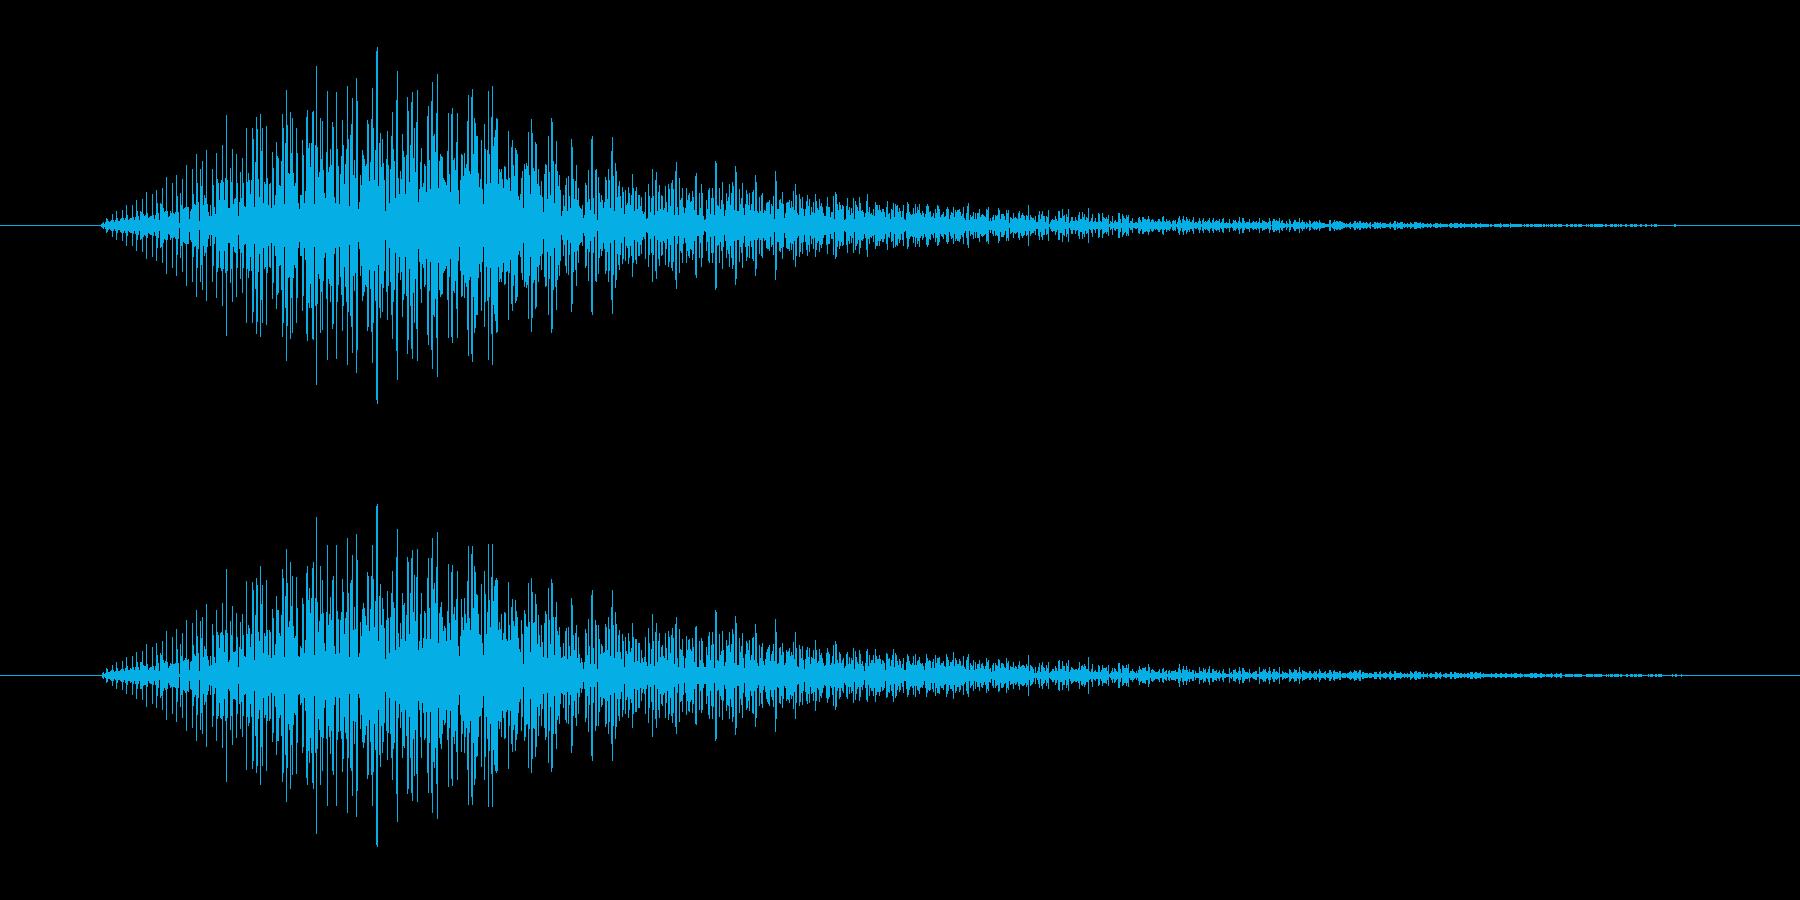 「ピッ (シンセ音)」の再生済みの波形